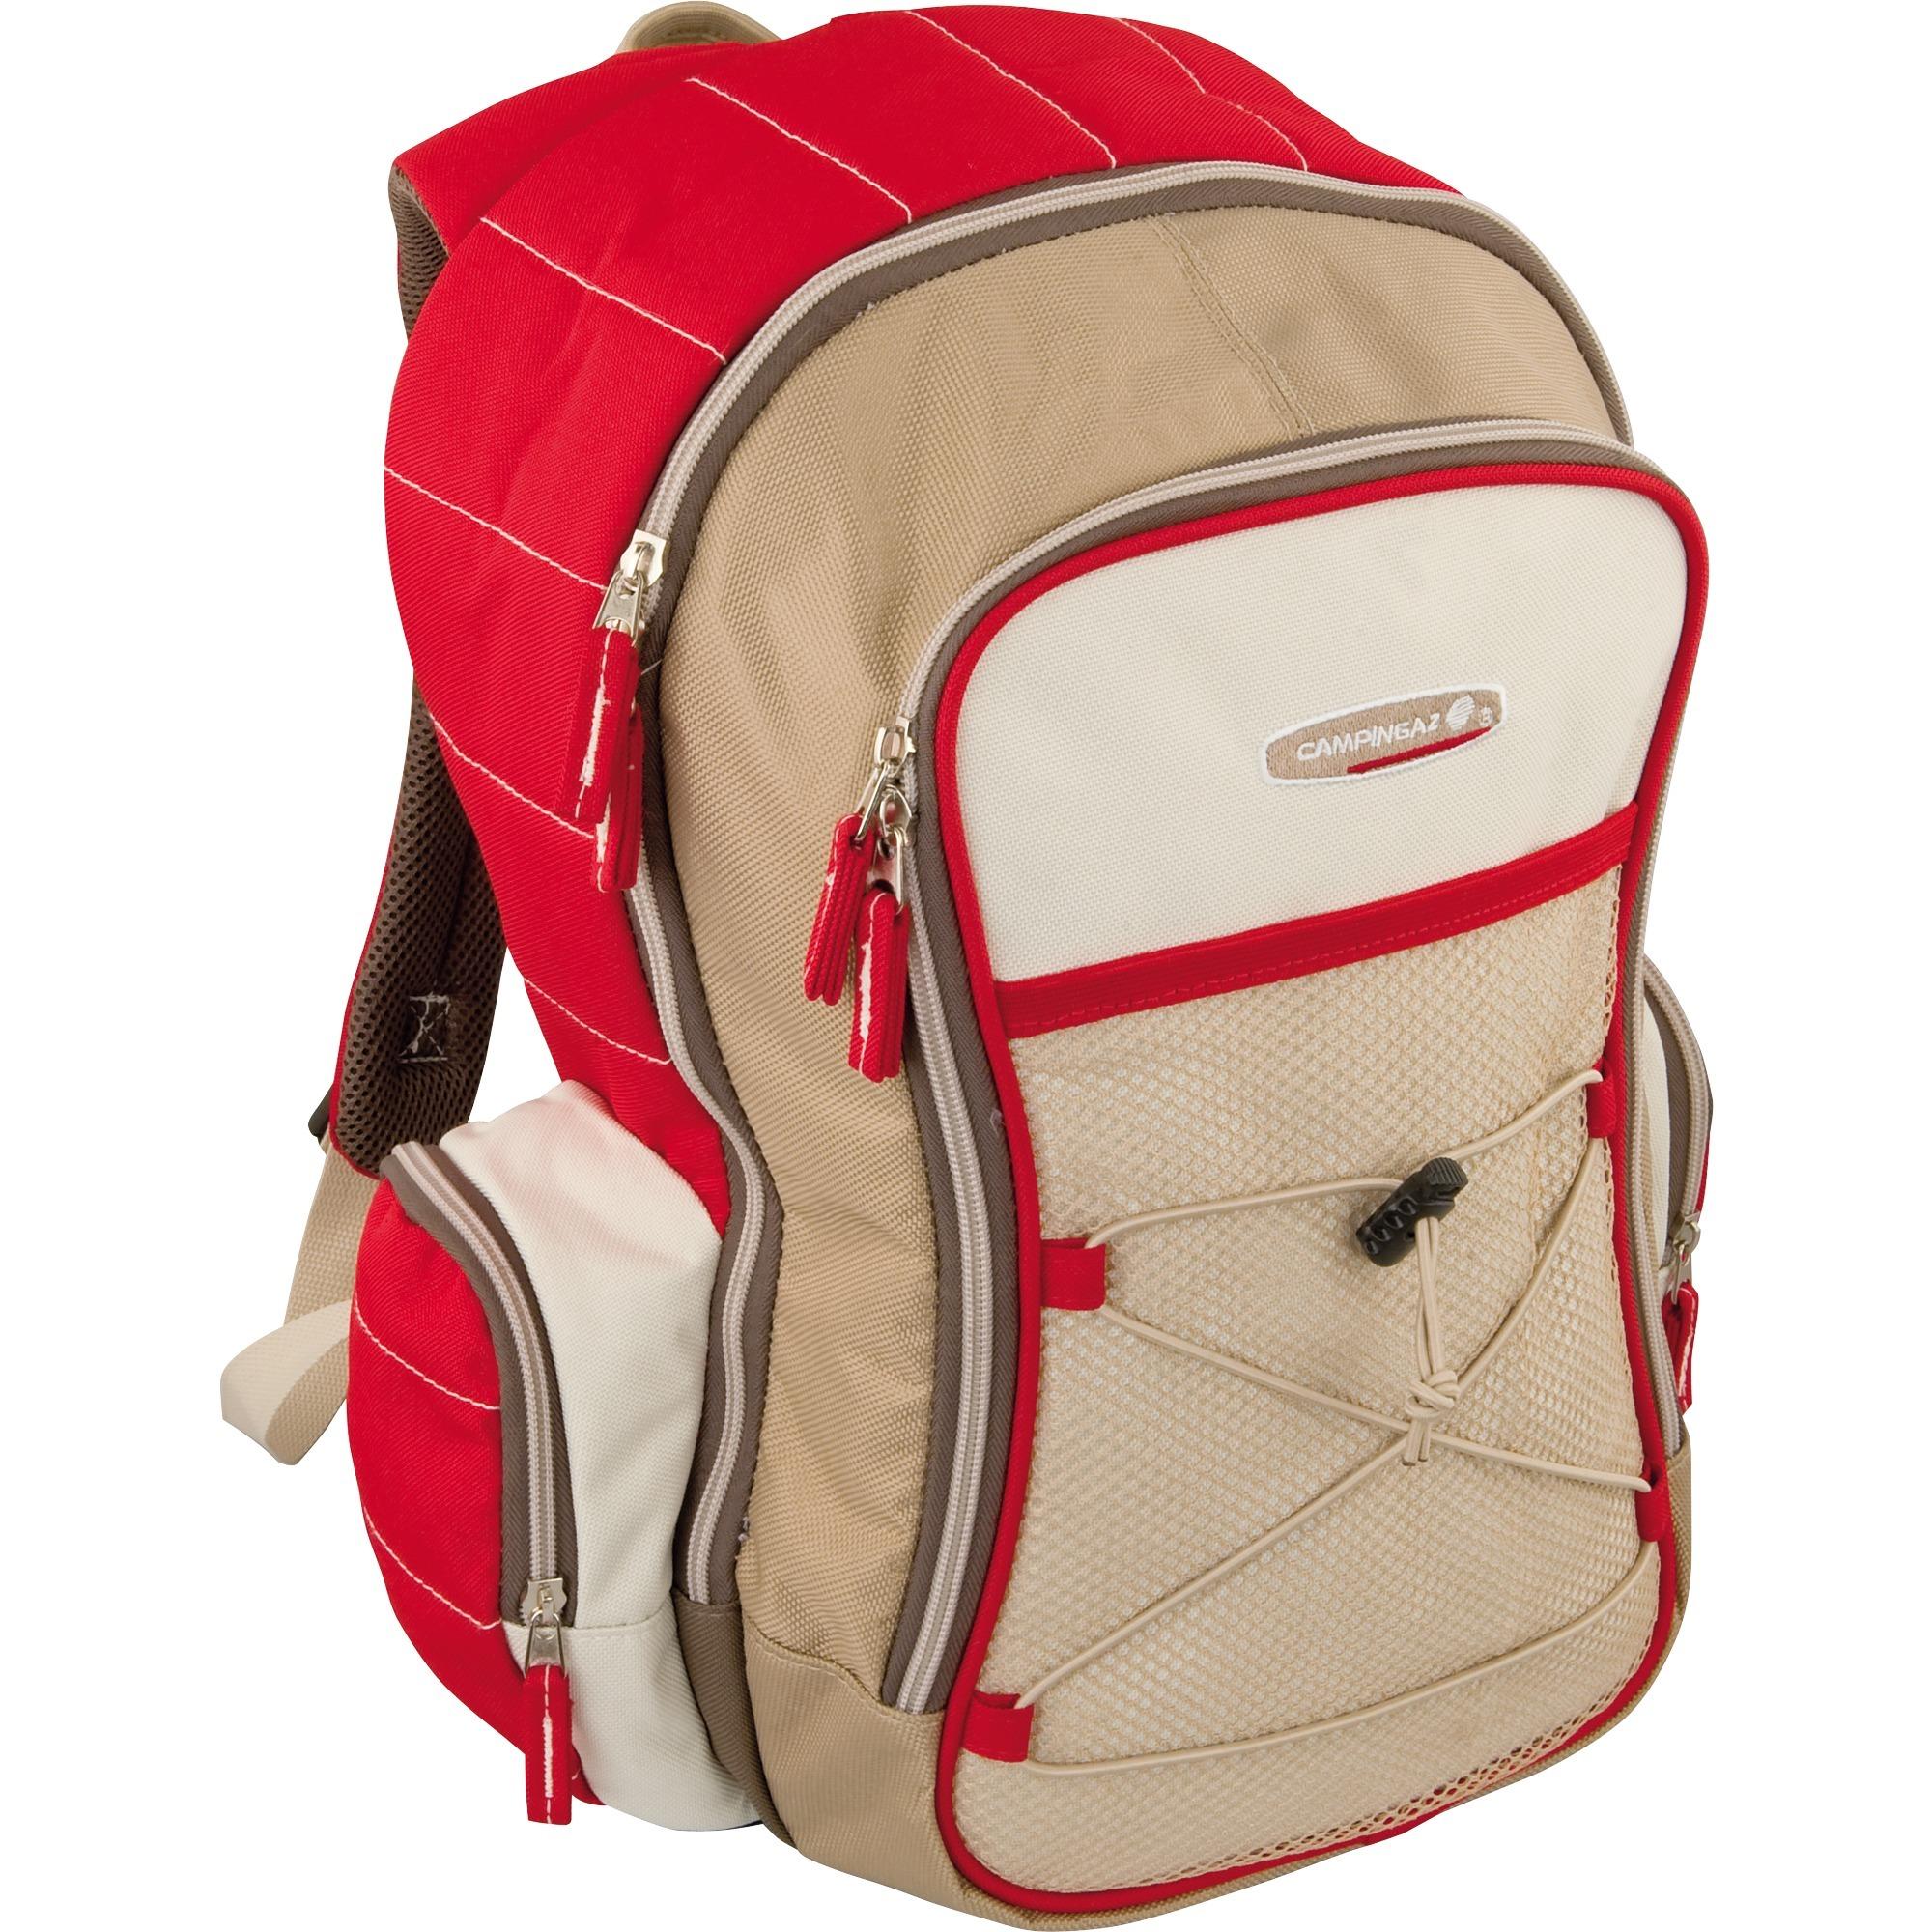 Cusco Picnic, 15L, Cooler bag